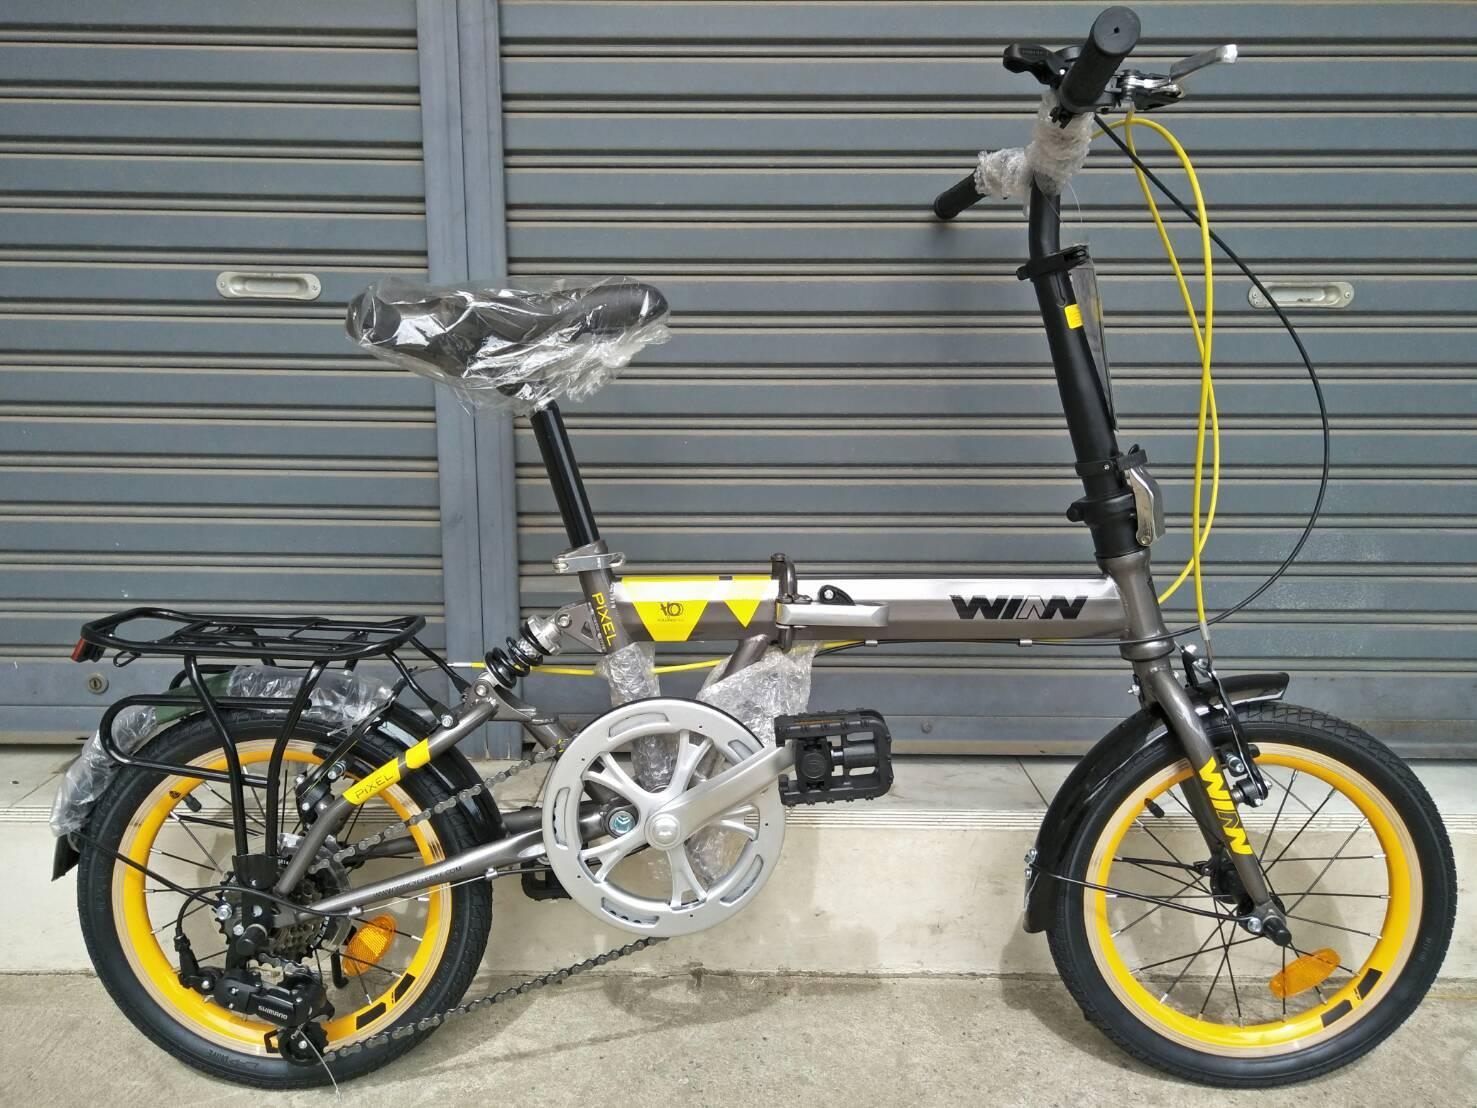 จักรยานพับ Winn รุ่น Pixel ล้อขนาด 16 นิ้ว เฟรมเหล็ก เกียร์ Shimano 6 Speed